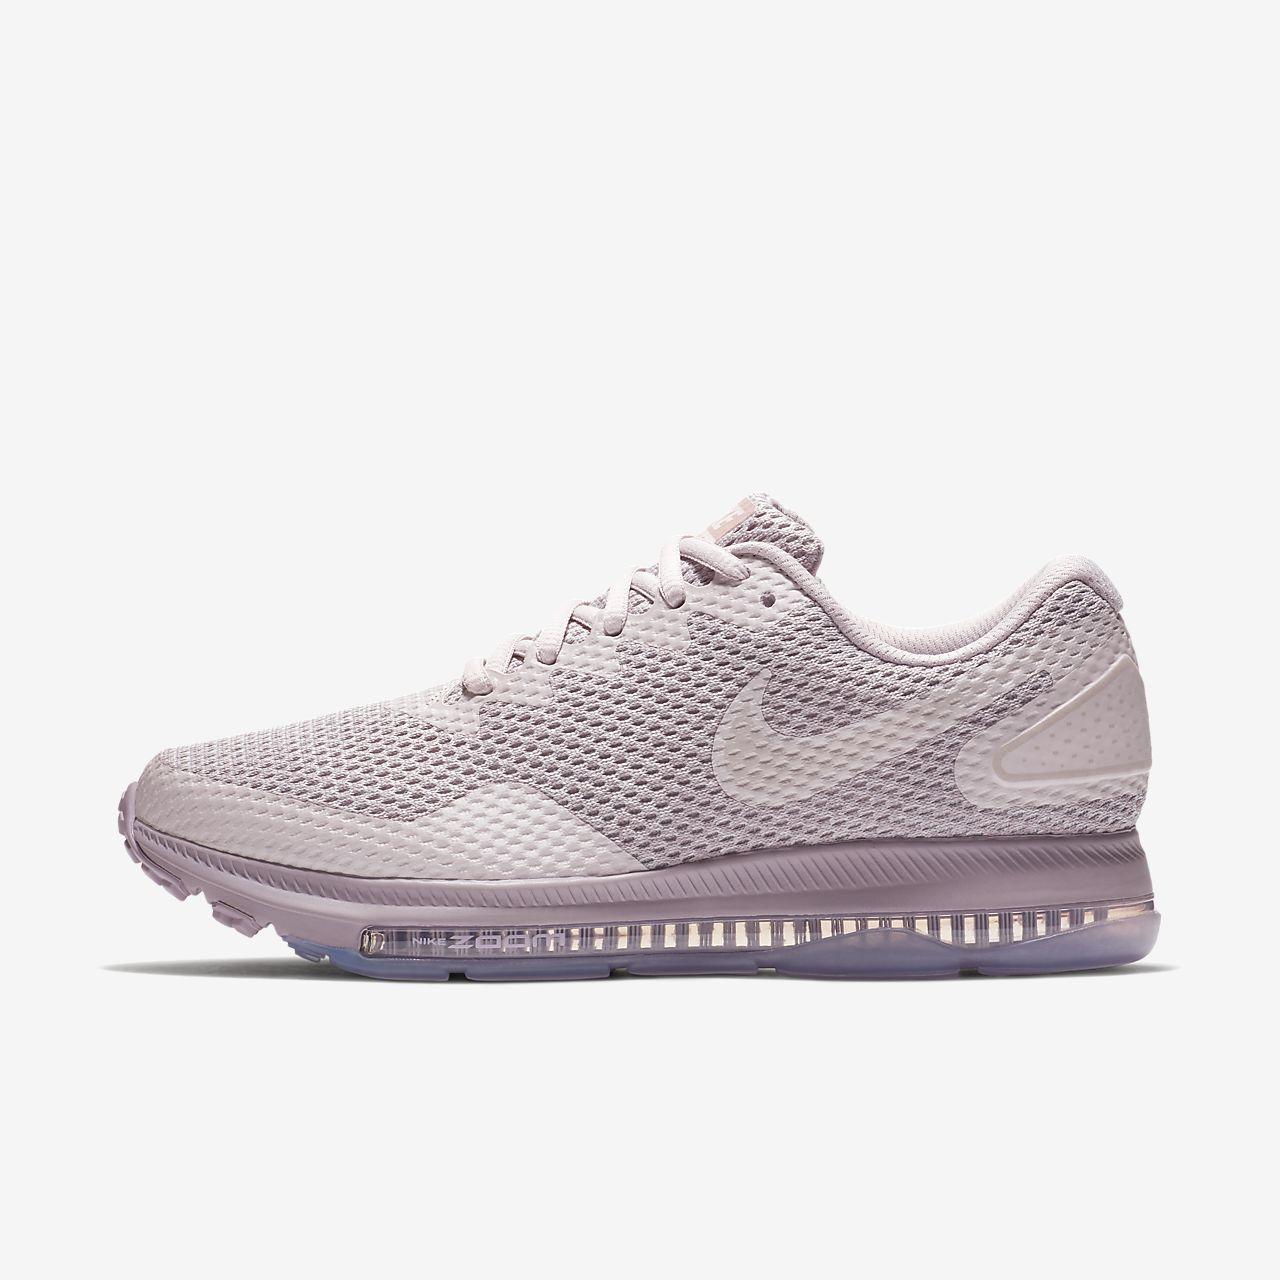 Zoom Air Épique Luxe - Chaussures - Bas-tops Et Baskets Nike gJcb3jKn